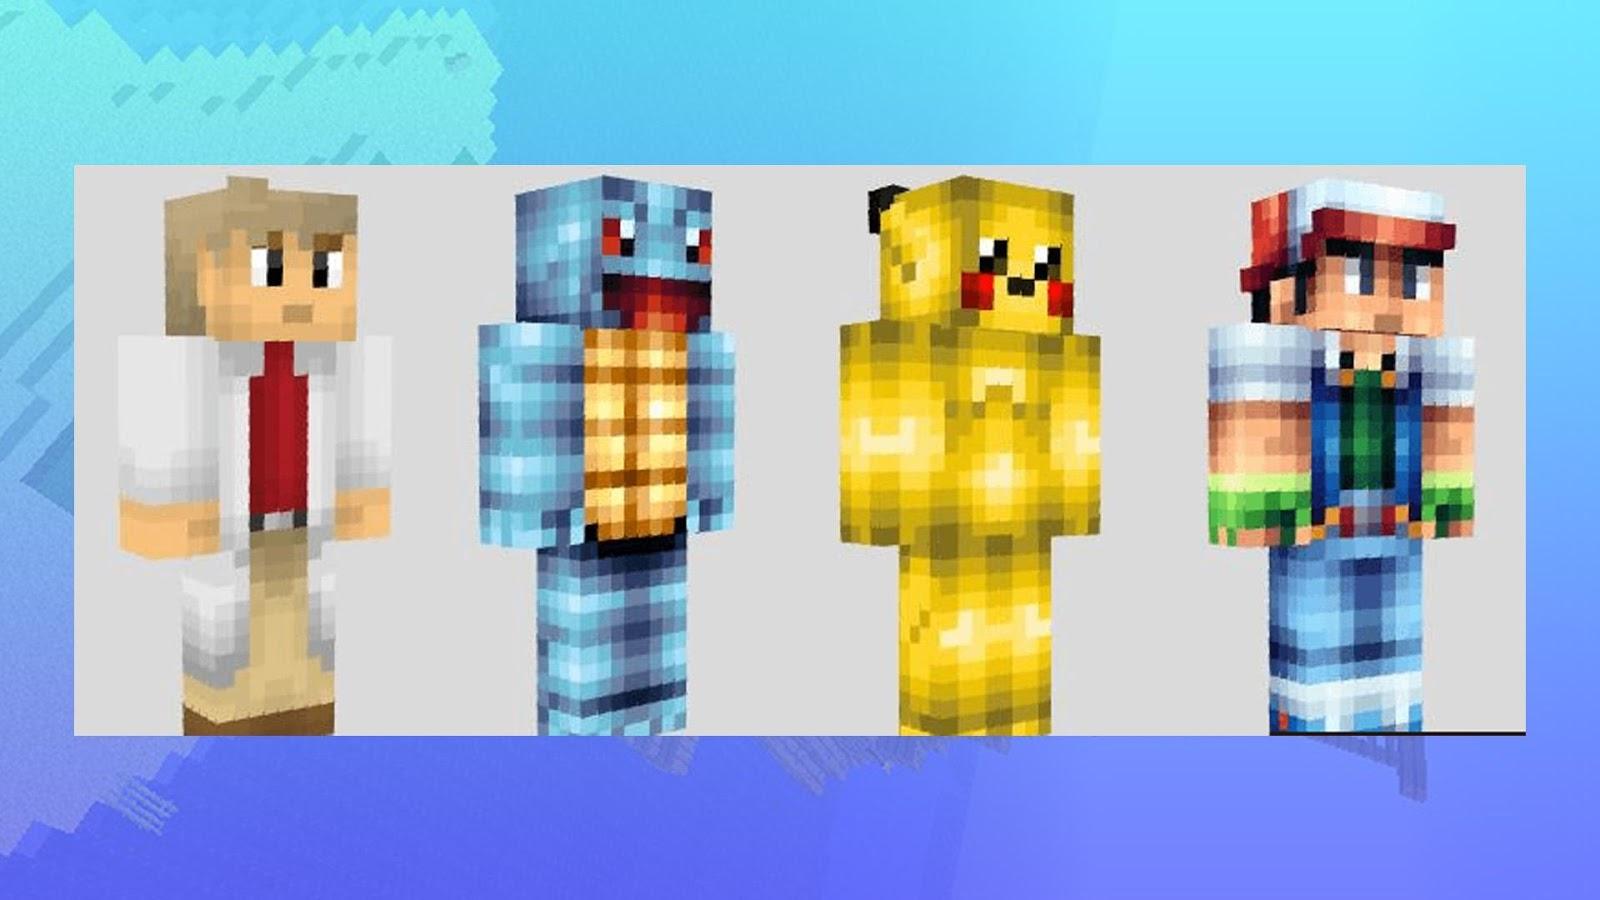 Skins For Minecraft Pokemon APK Download Android - Skins minecraft kostenlos downloaden